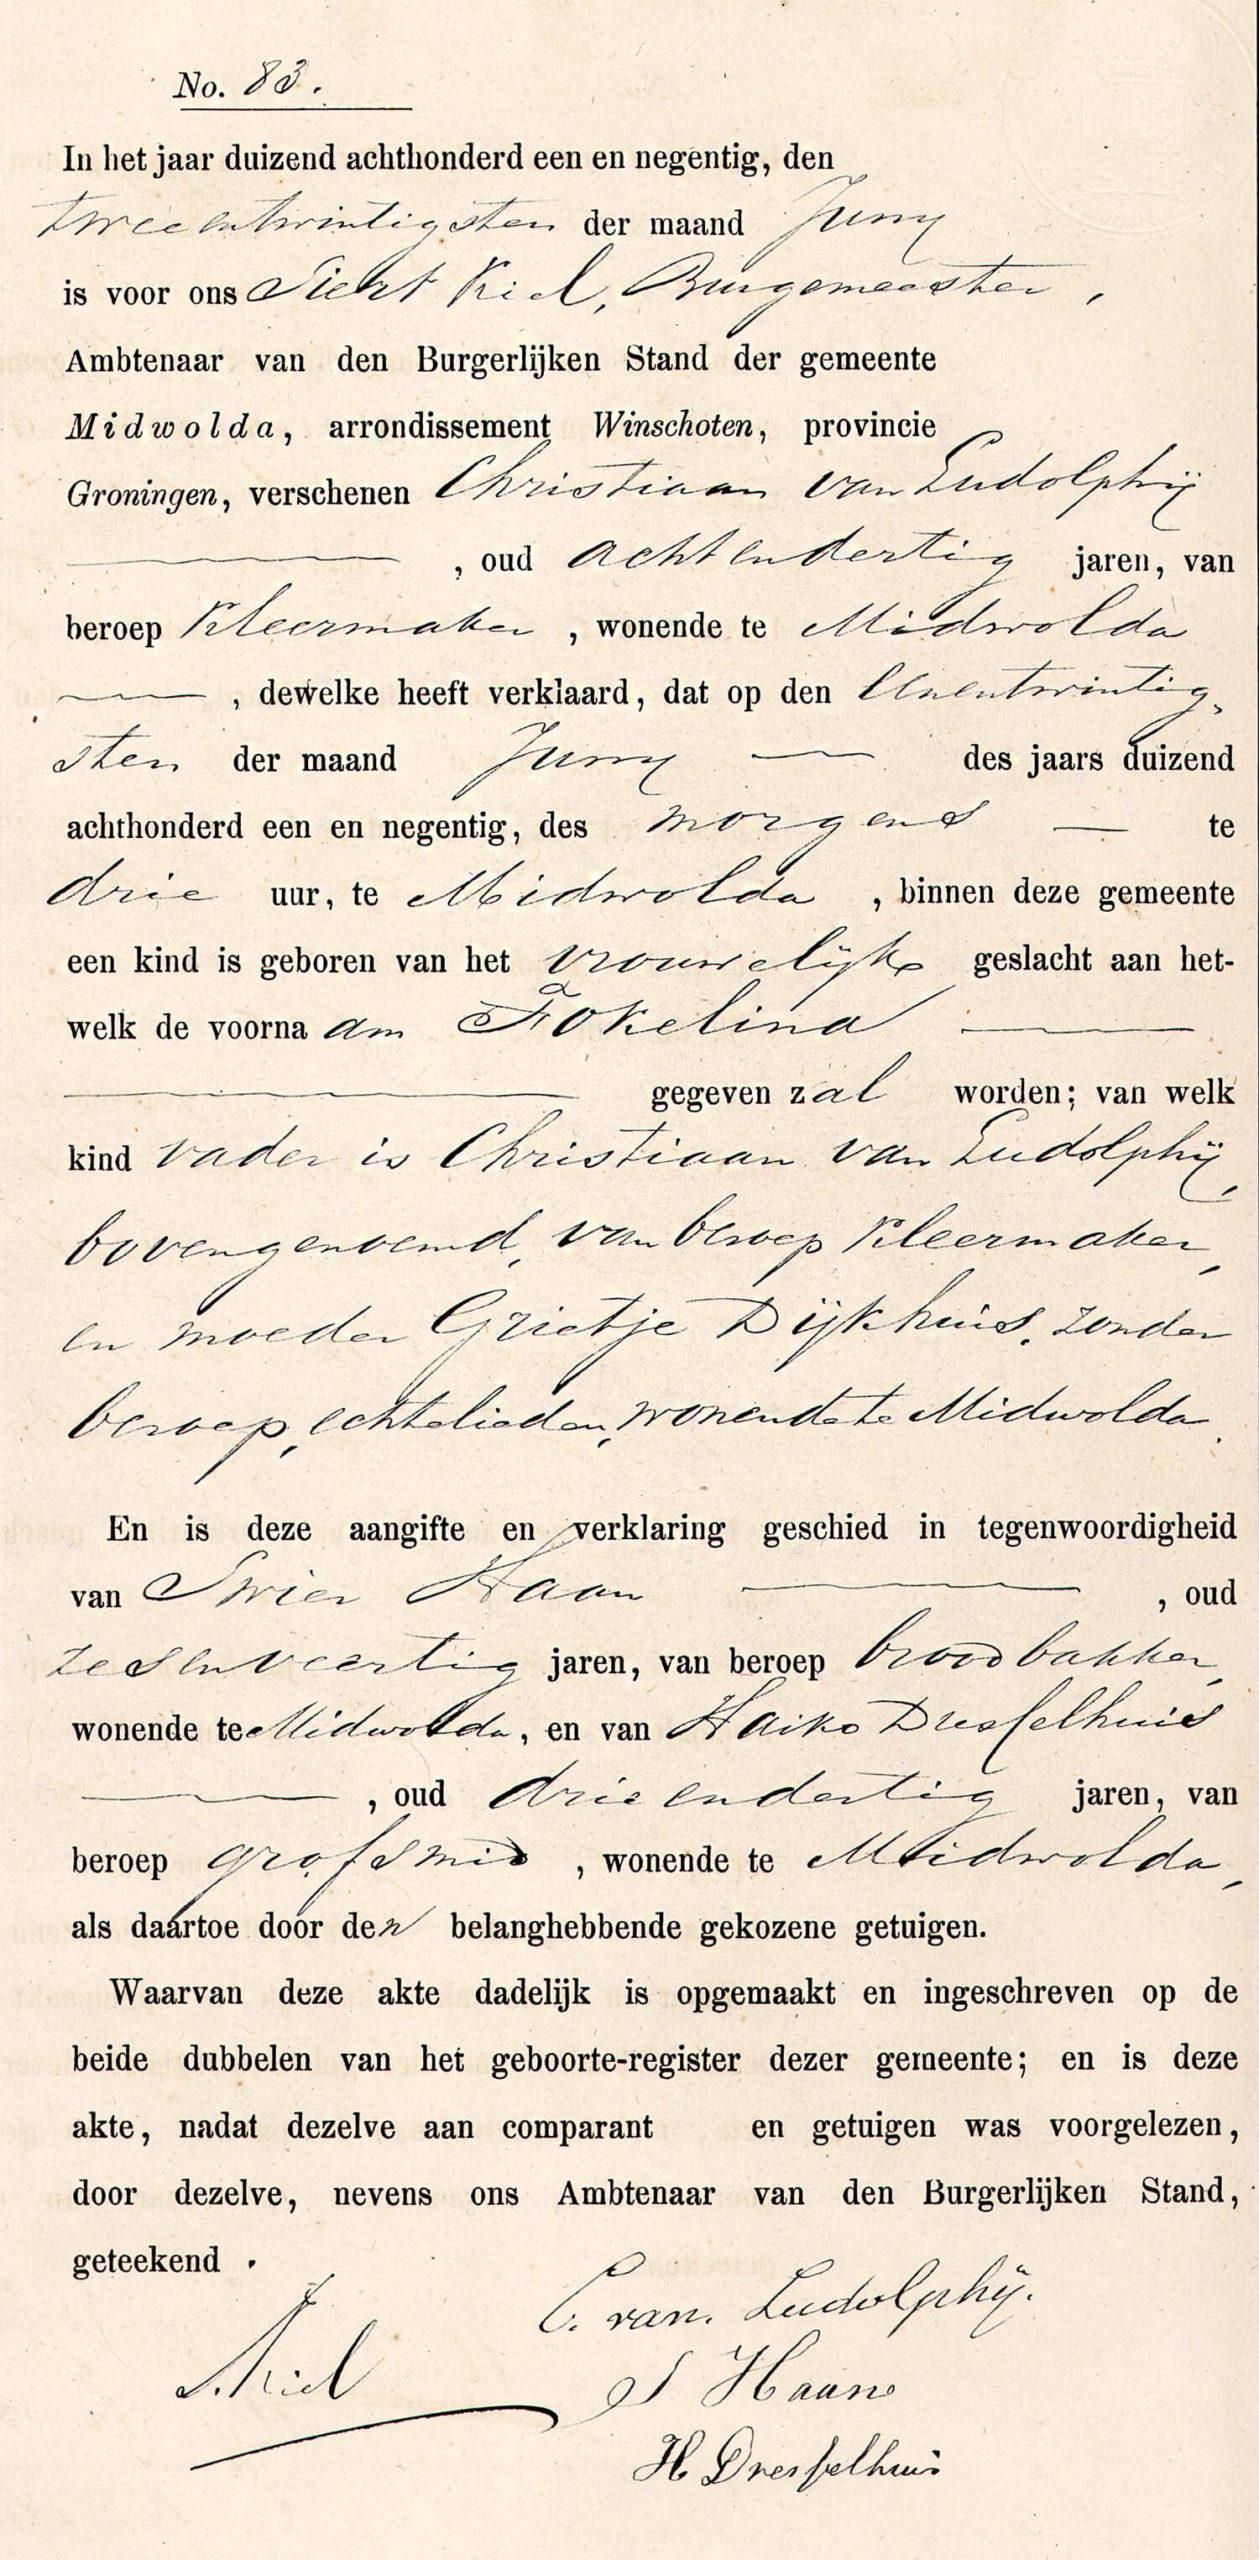 Geboorte Fokelina van Ludolphij, Midwolda 21 juni 1891